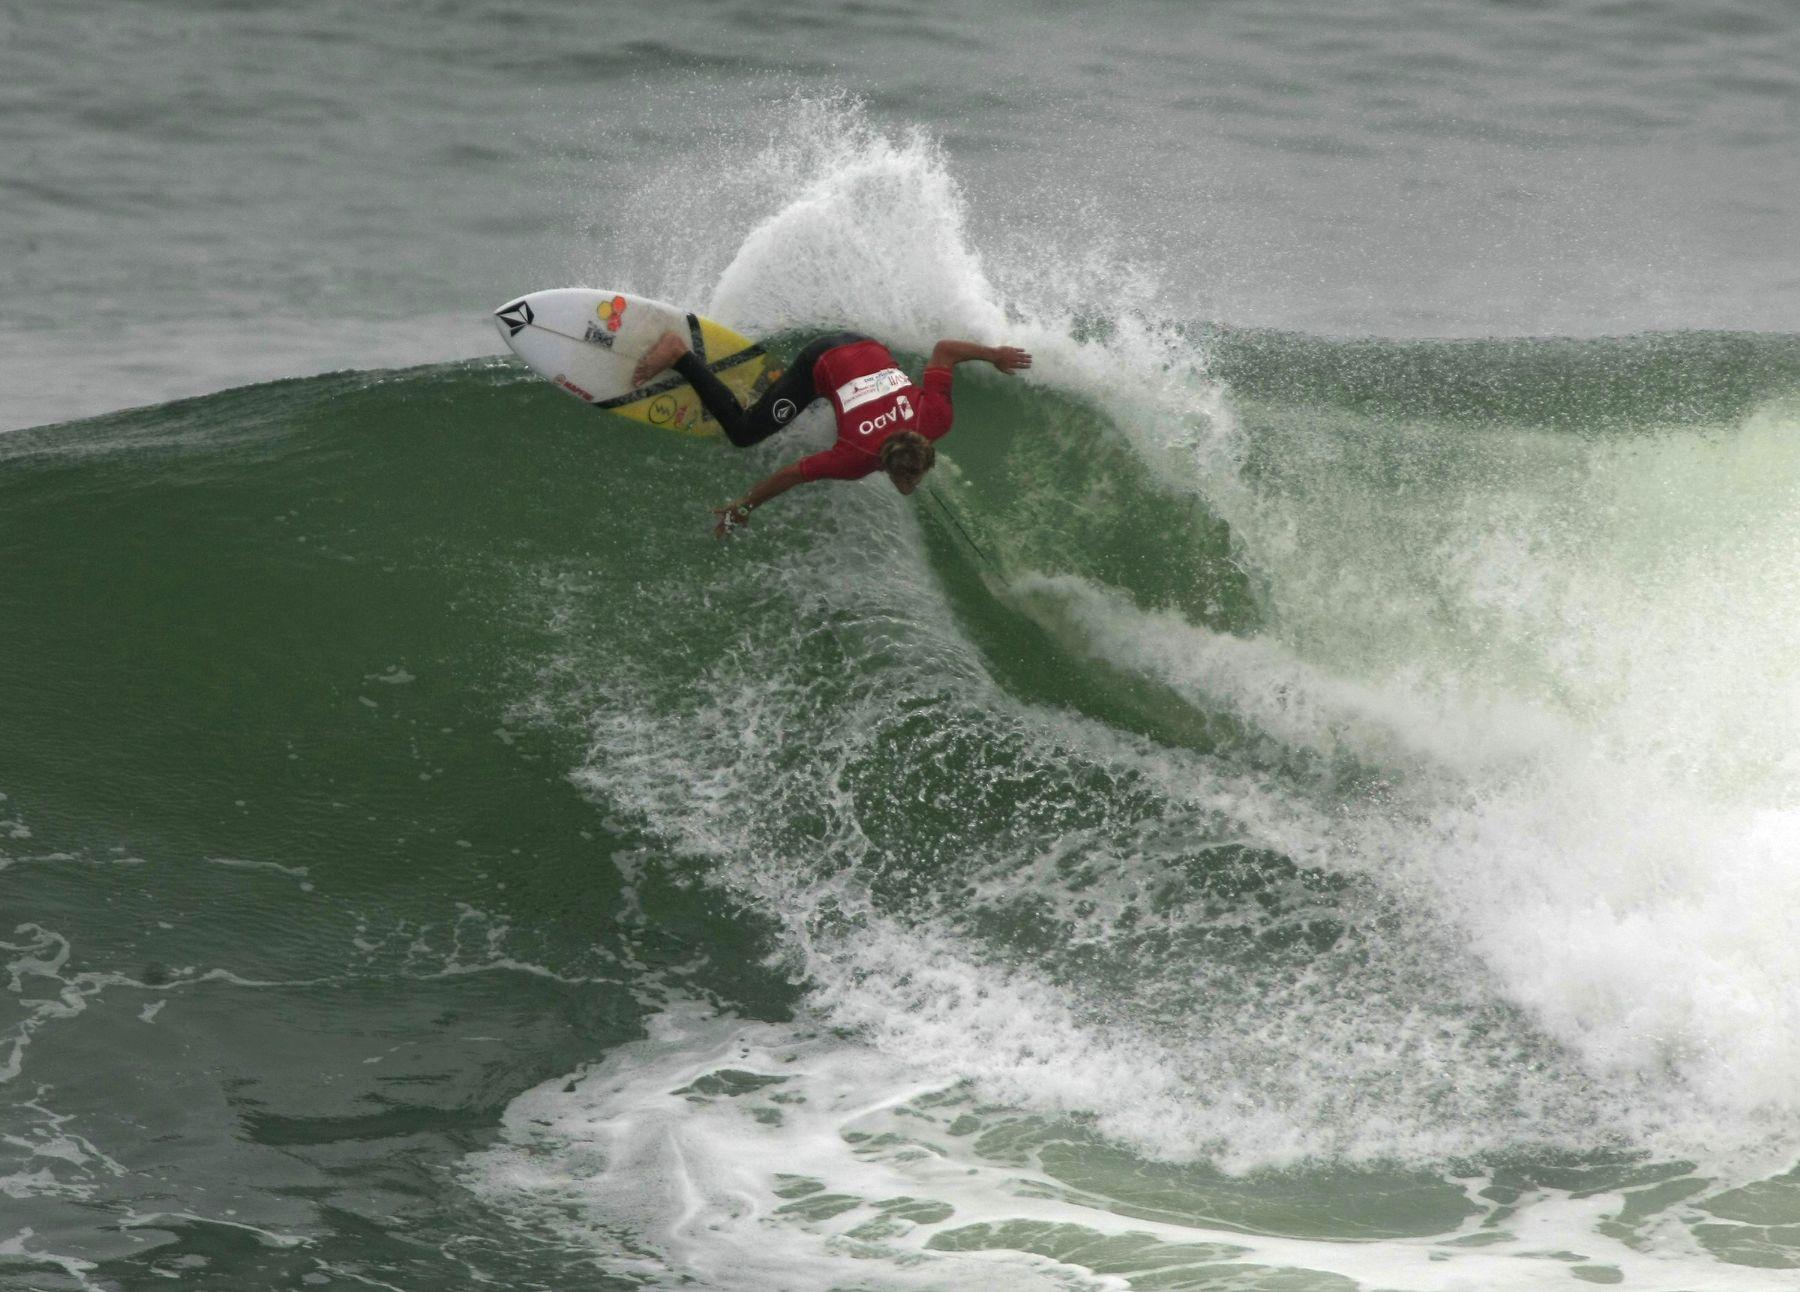 Circuito Mundial De Surf : Miguel tudela se alista para el circuito mundial de surf en